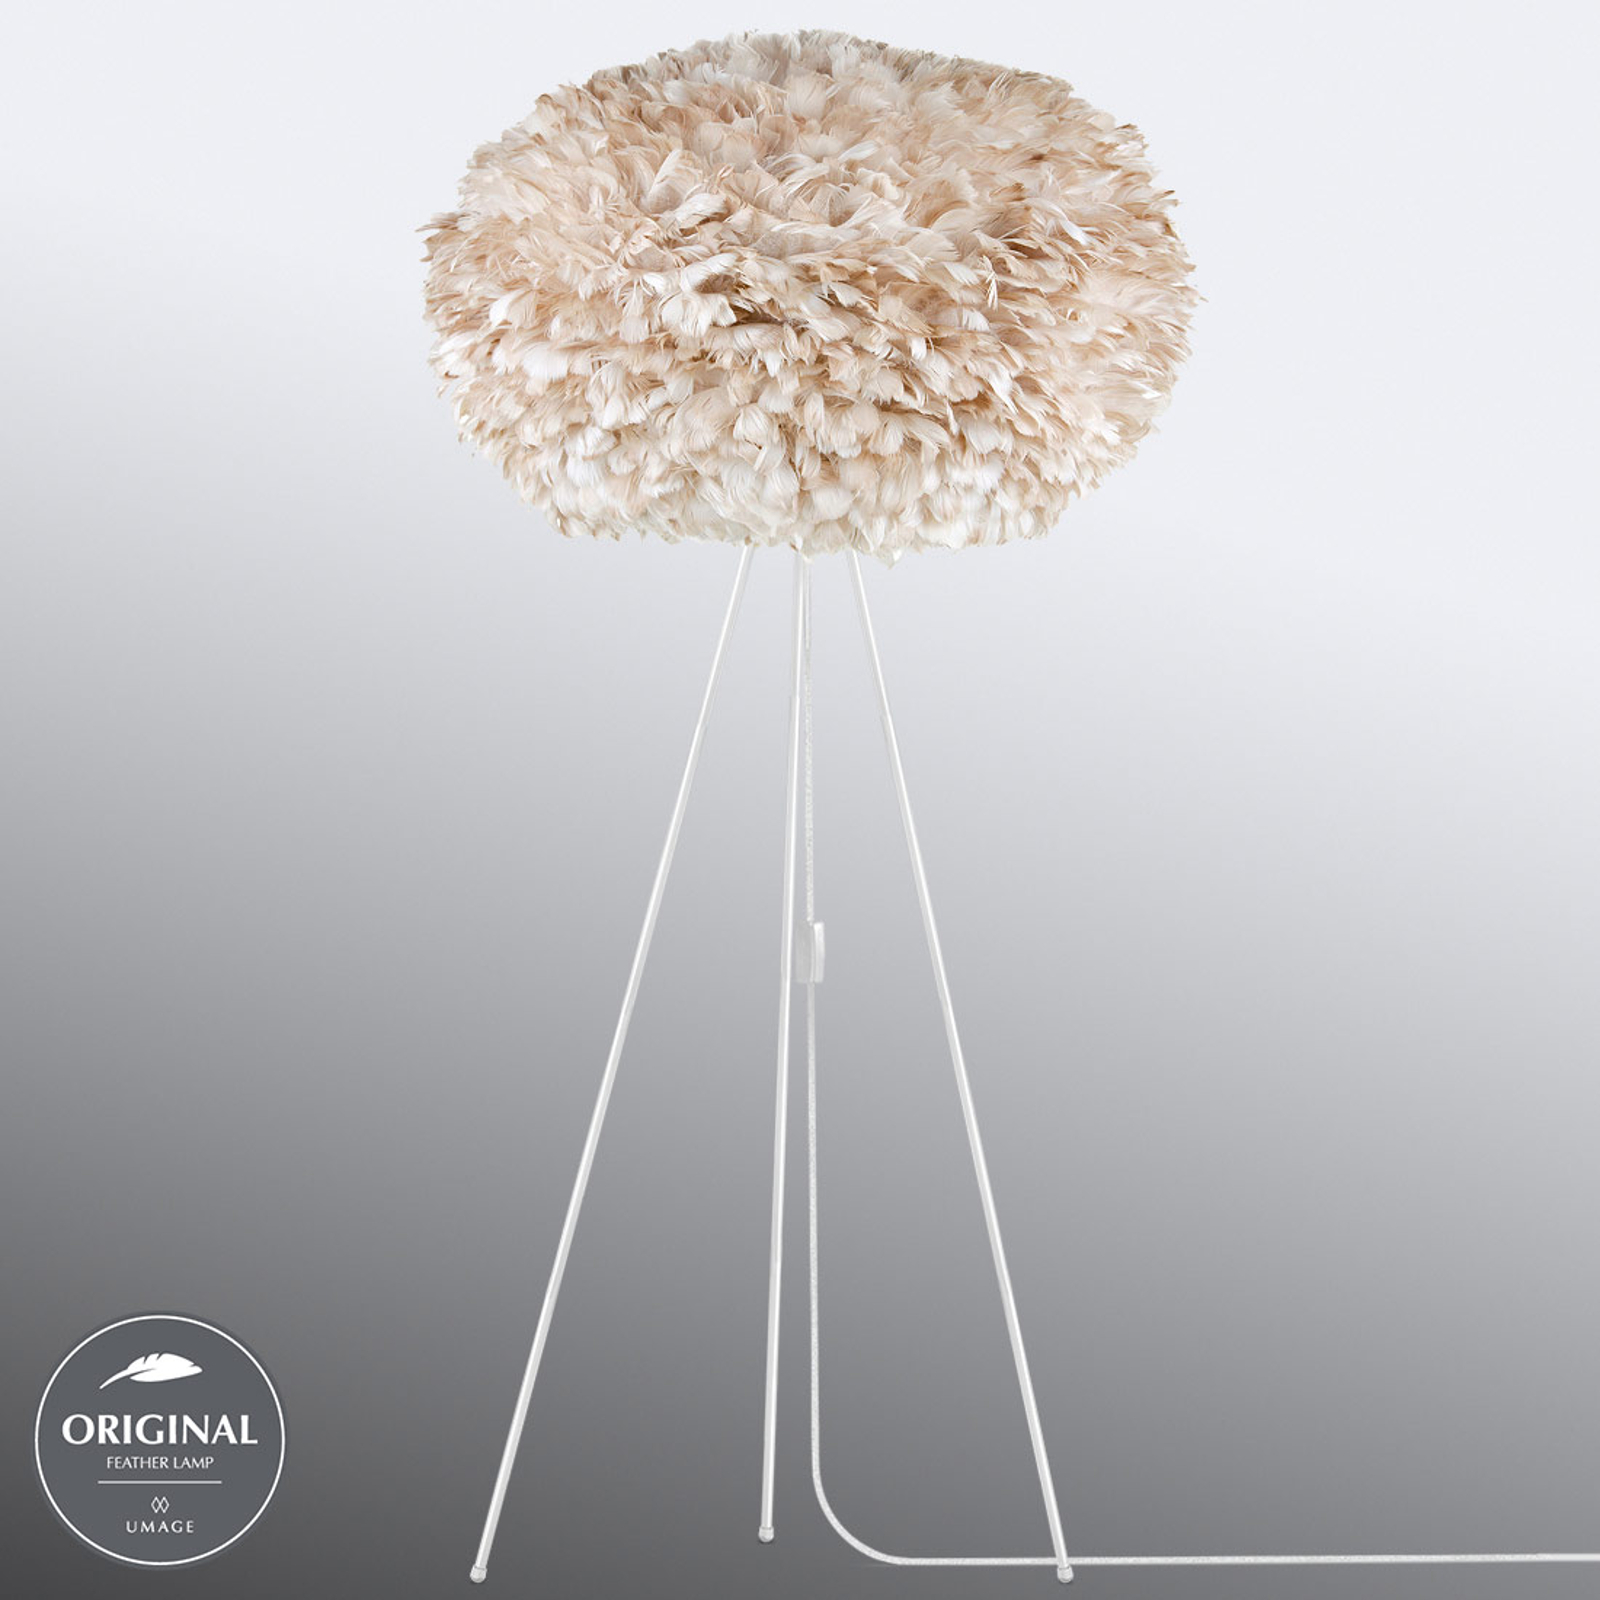 UMAGE Eos X-large lampadaire trépied brun clair